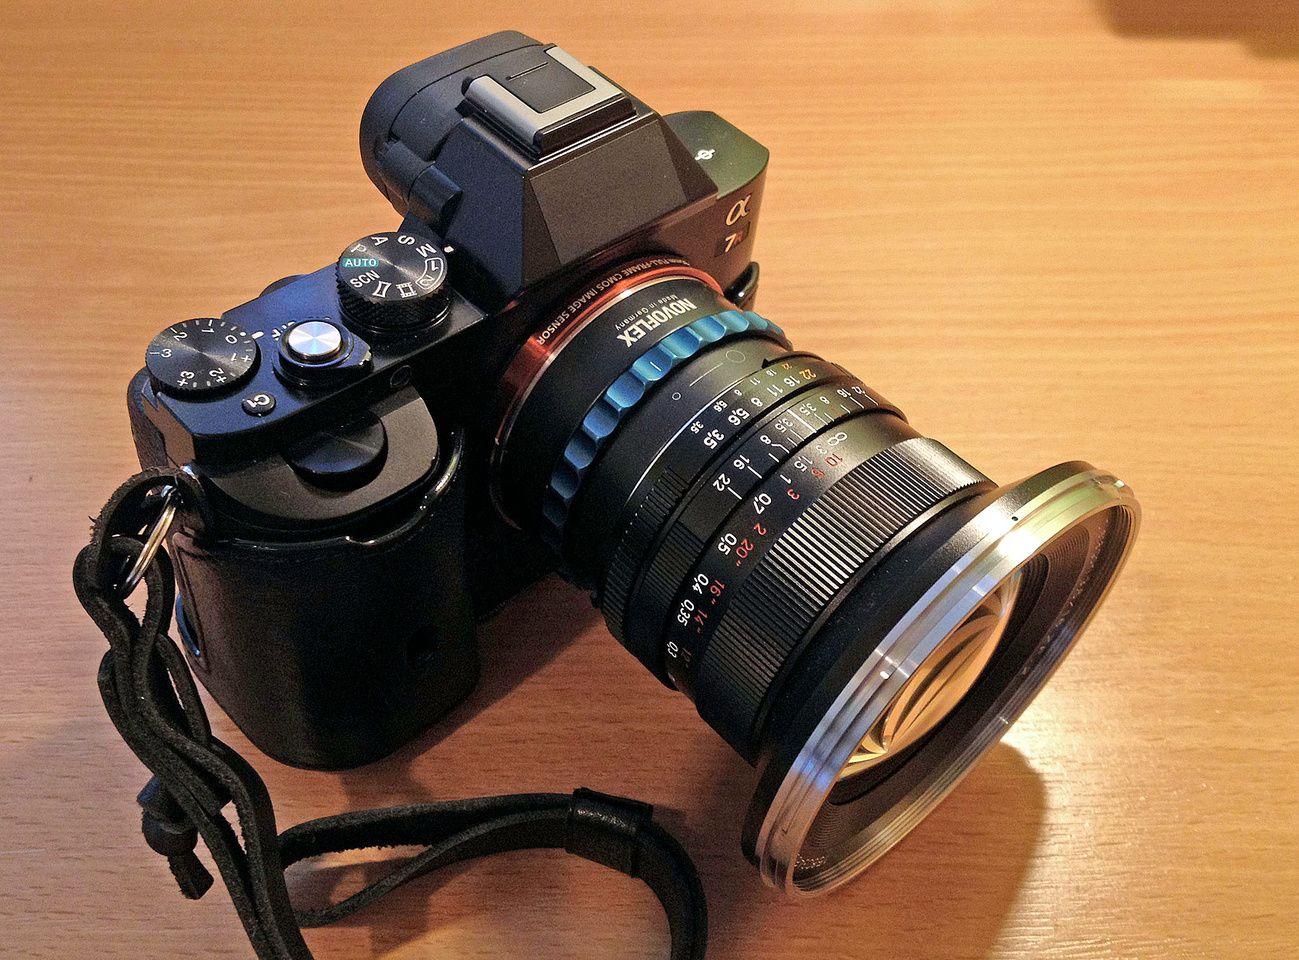 Sony A7R e Zeiss Distagon T* 3.5/18, una accoppiata vincente